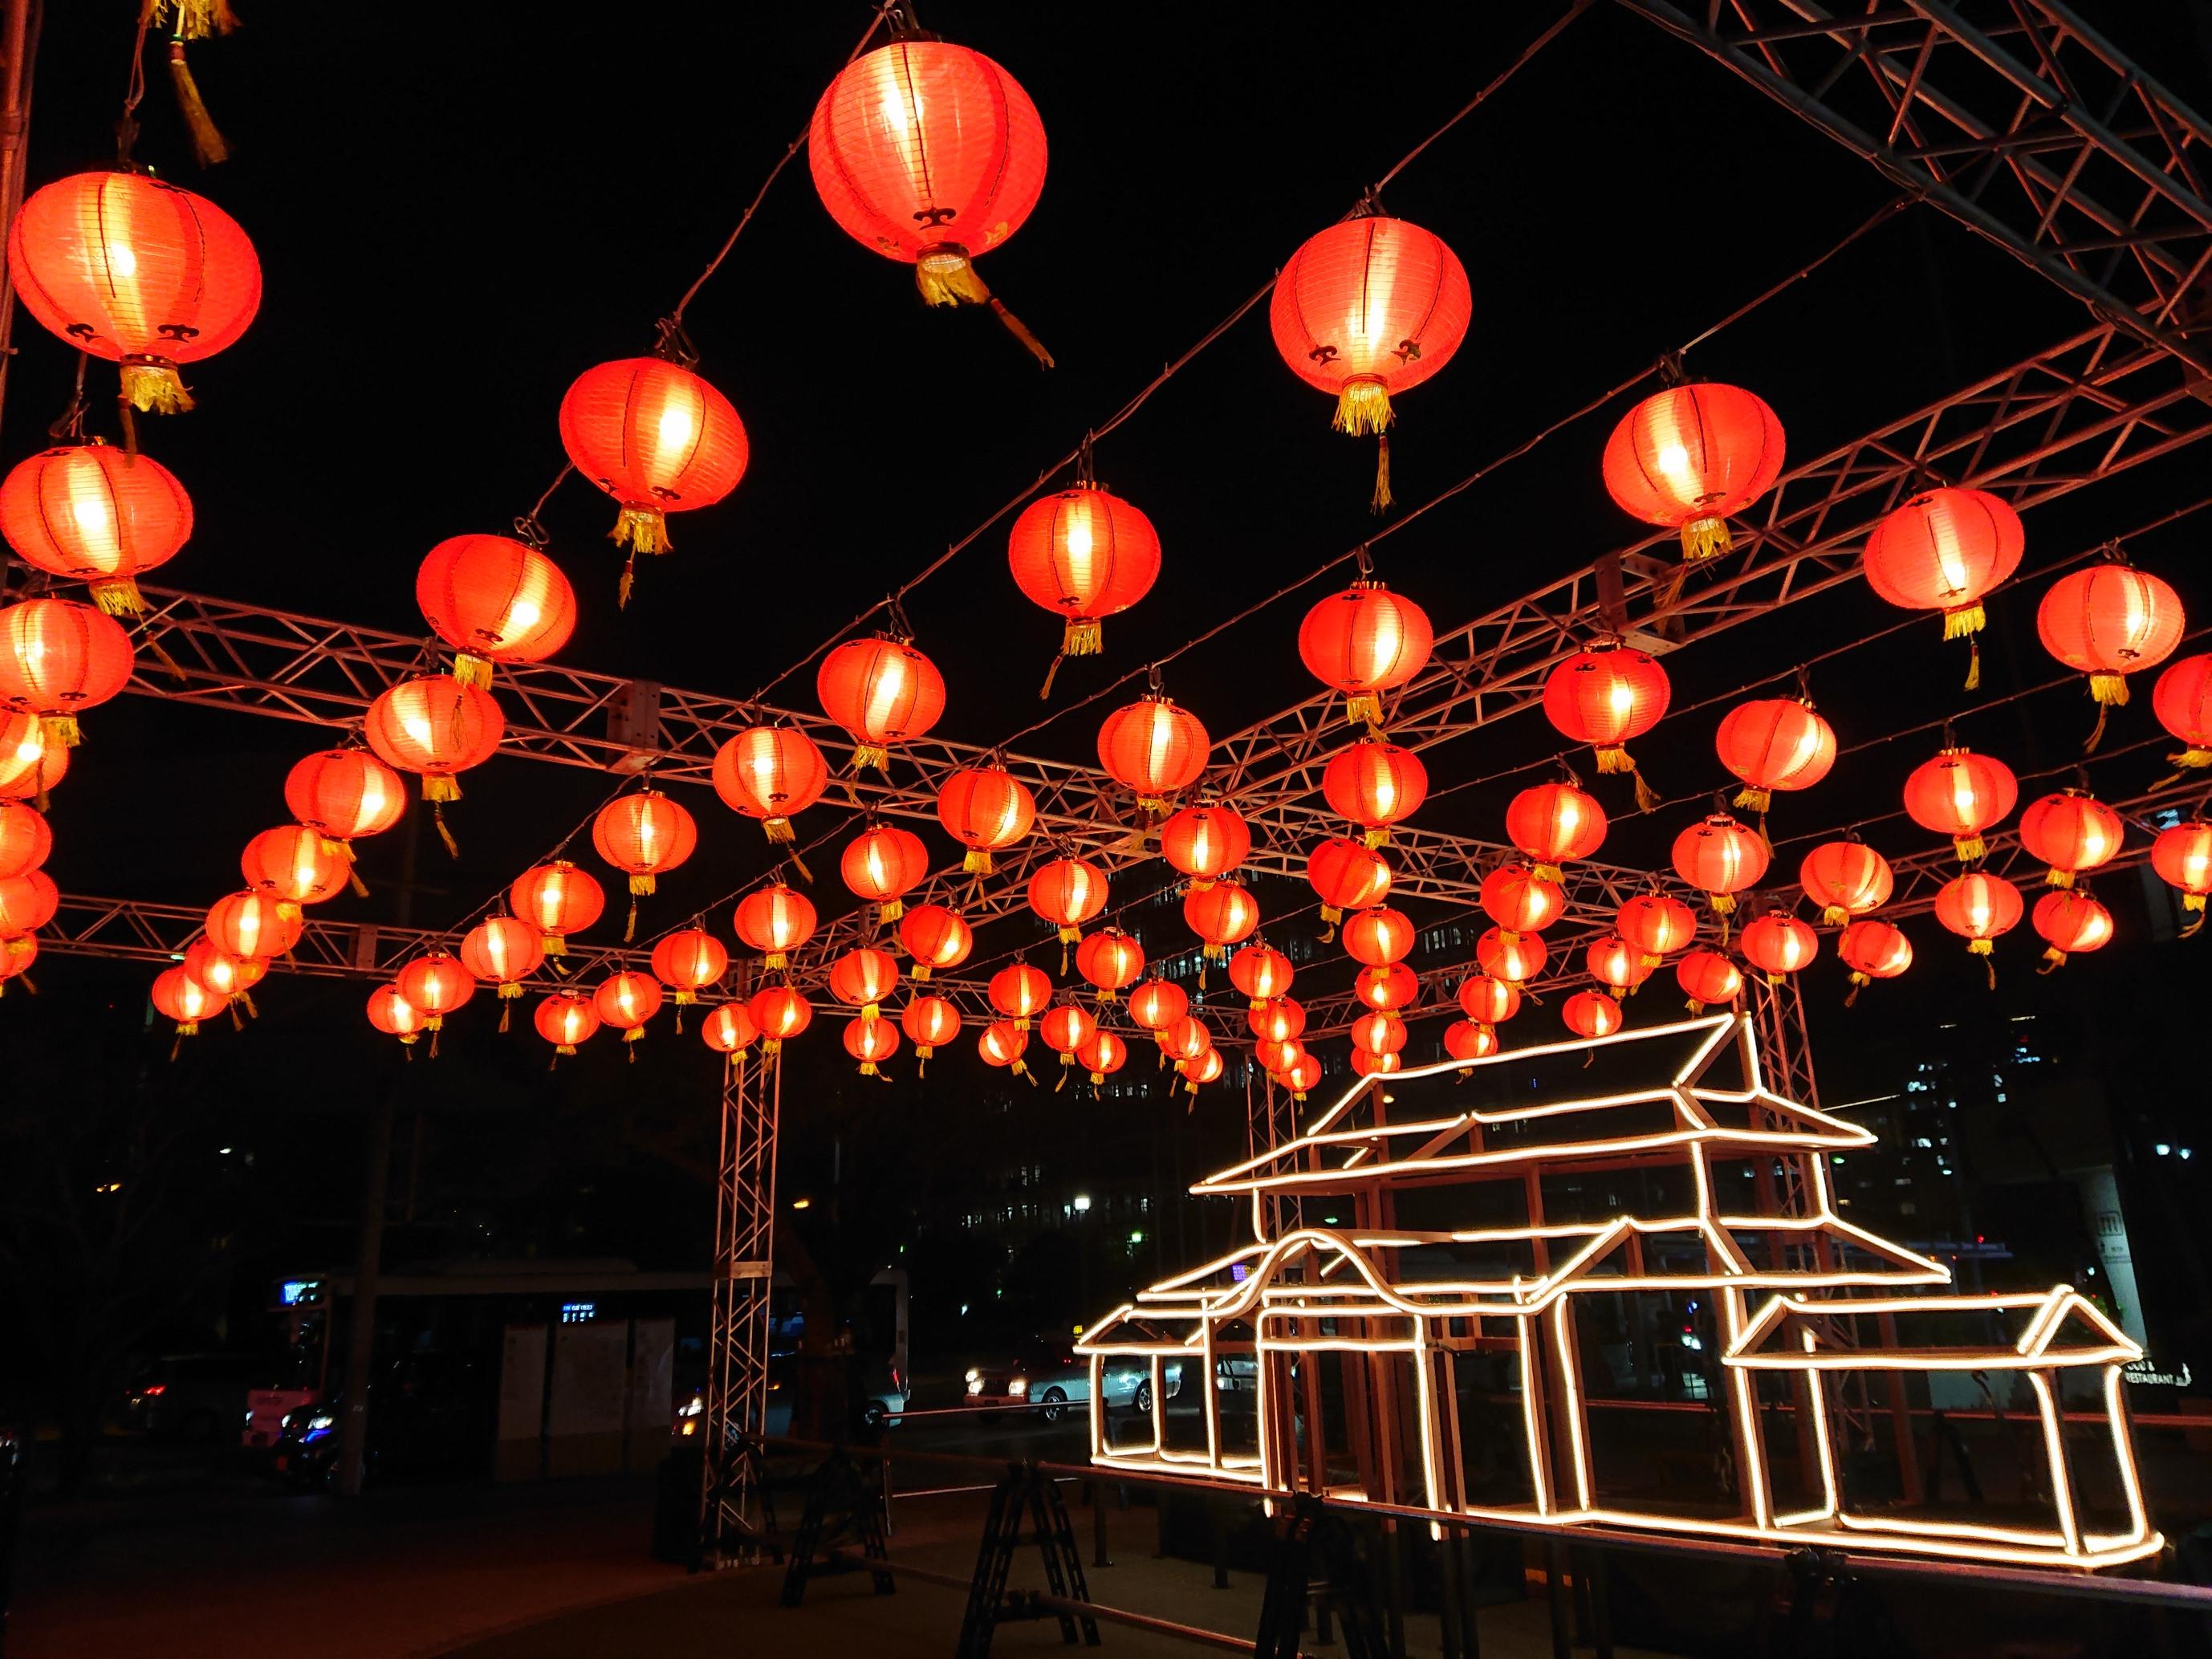 首里城うむいの燈モニュメント パレットくもじイベント広場